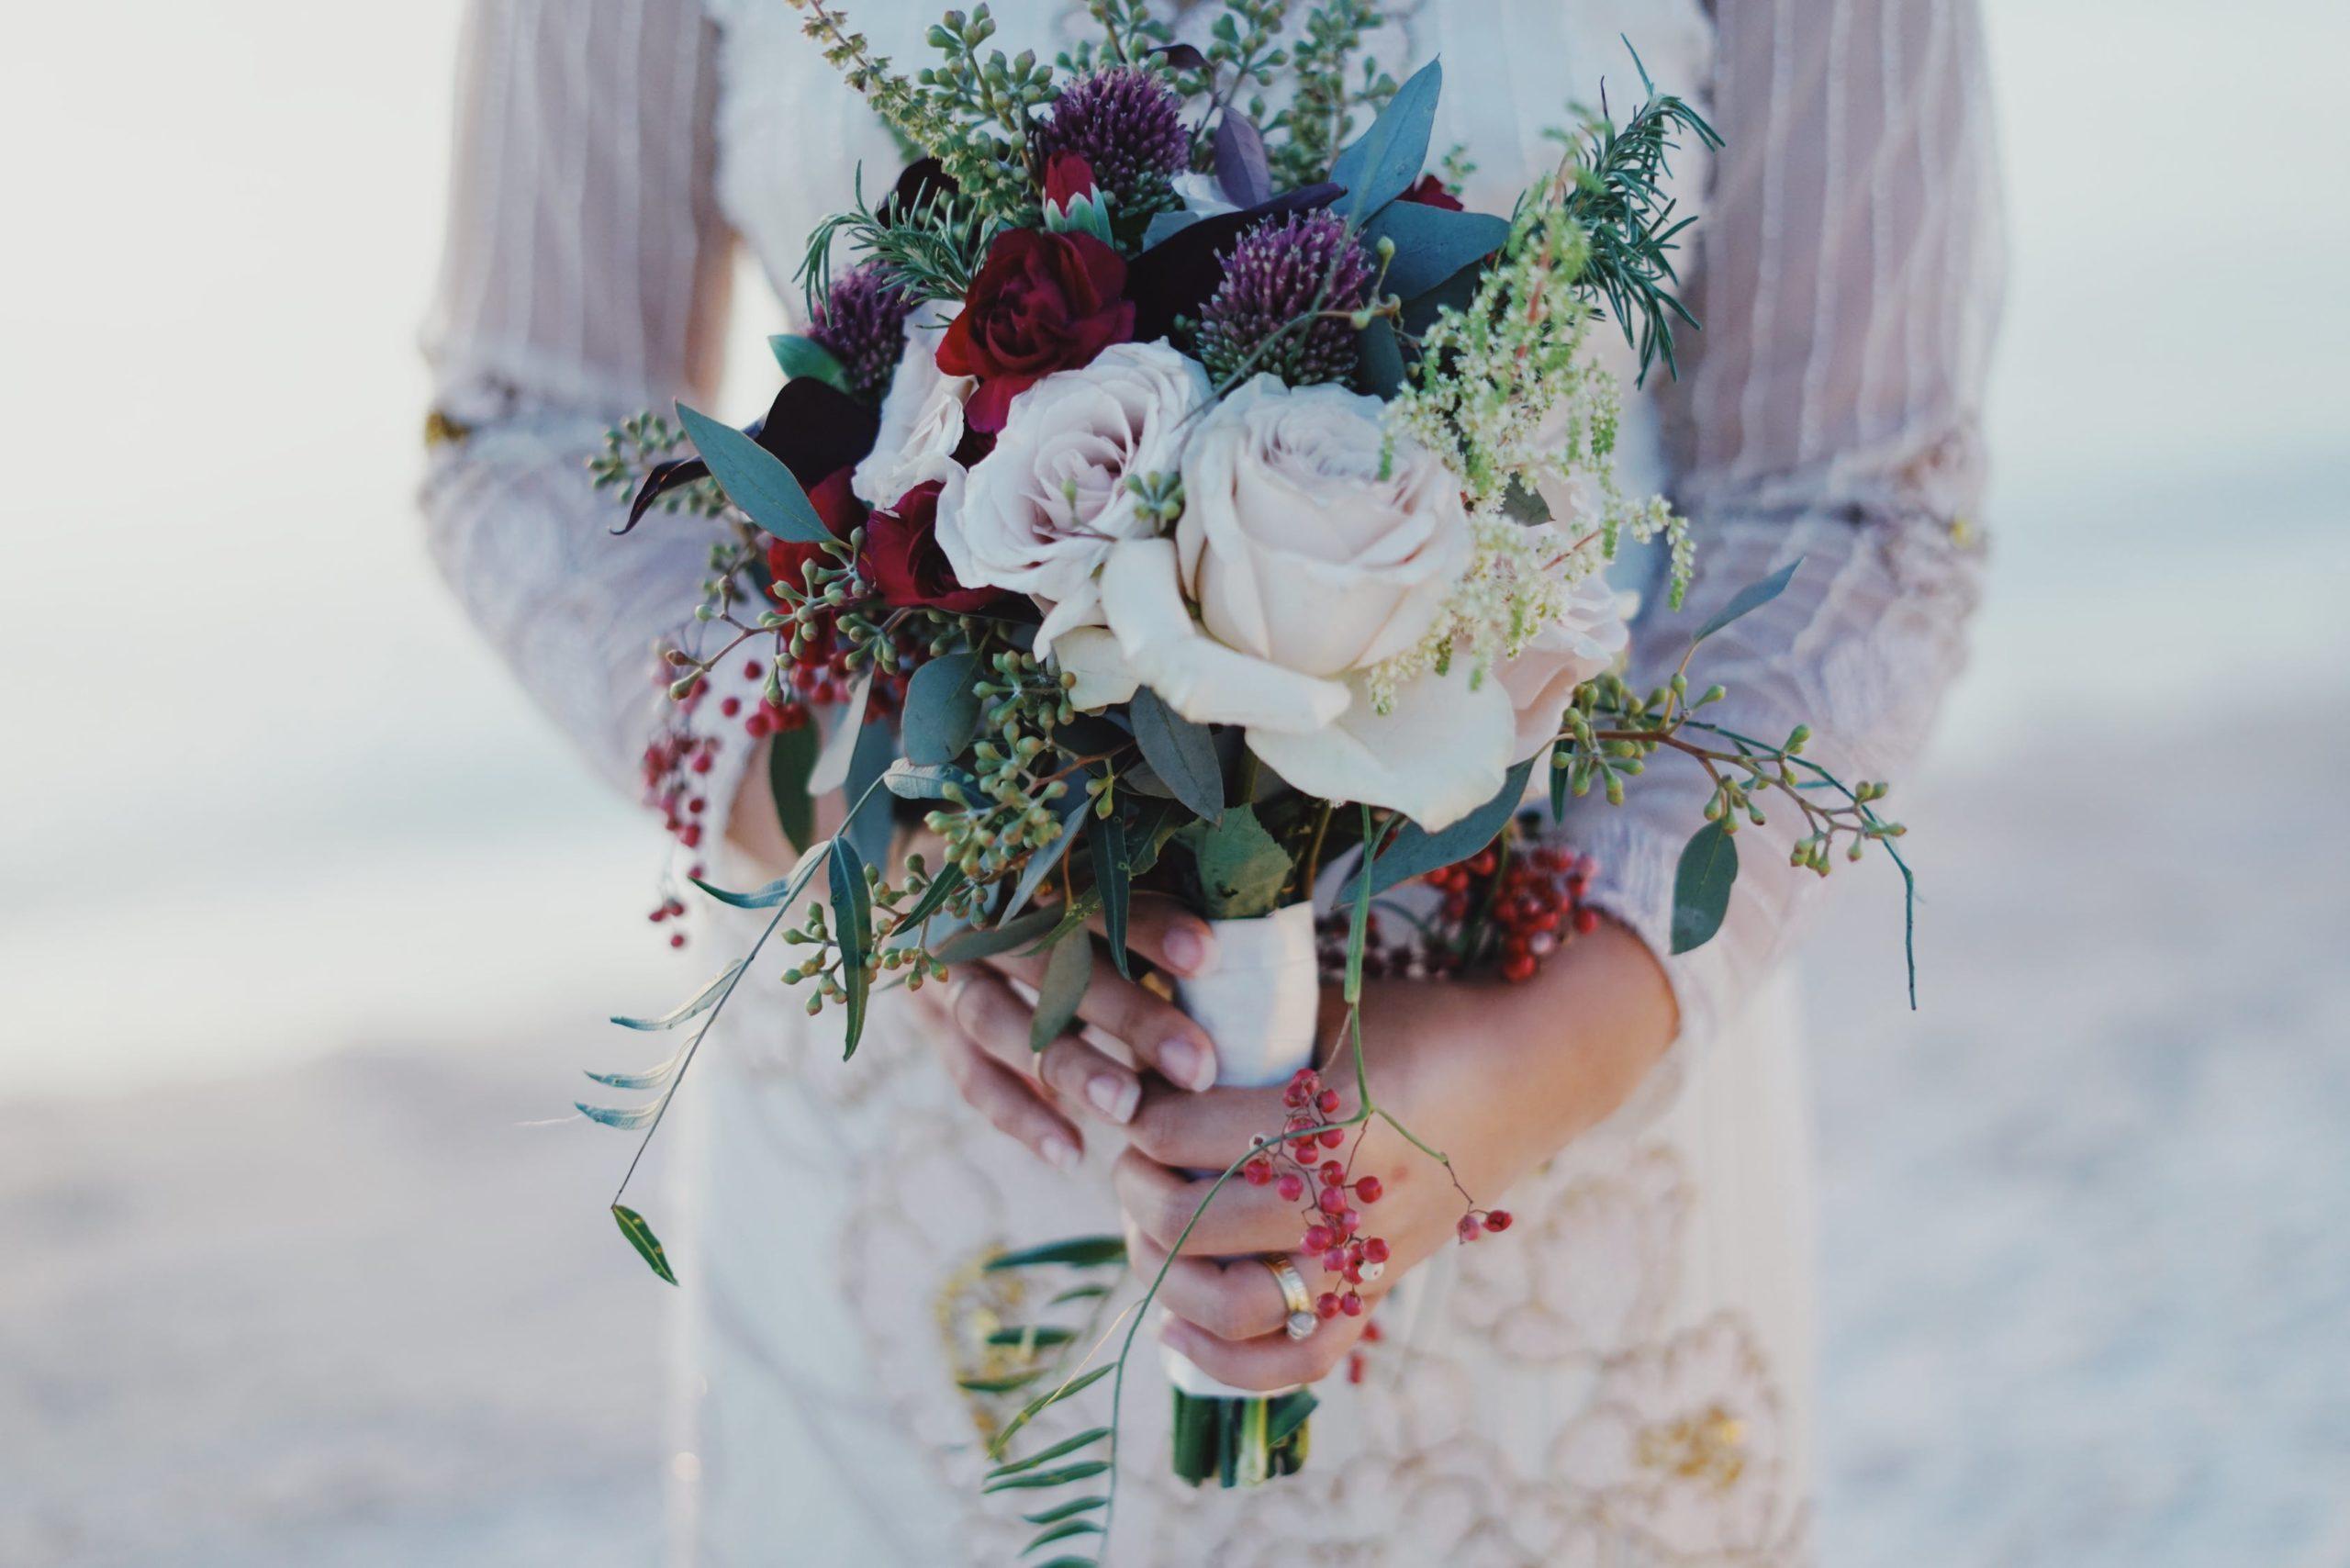 Un'incantevole sposa d'inverno